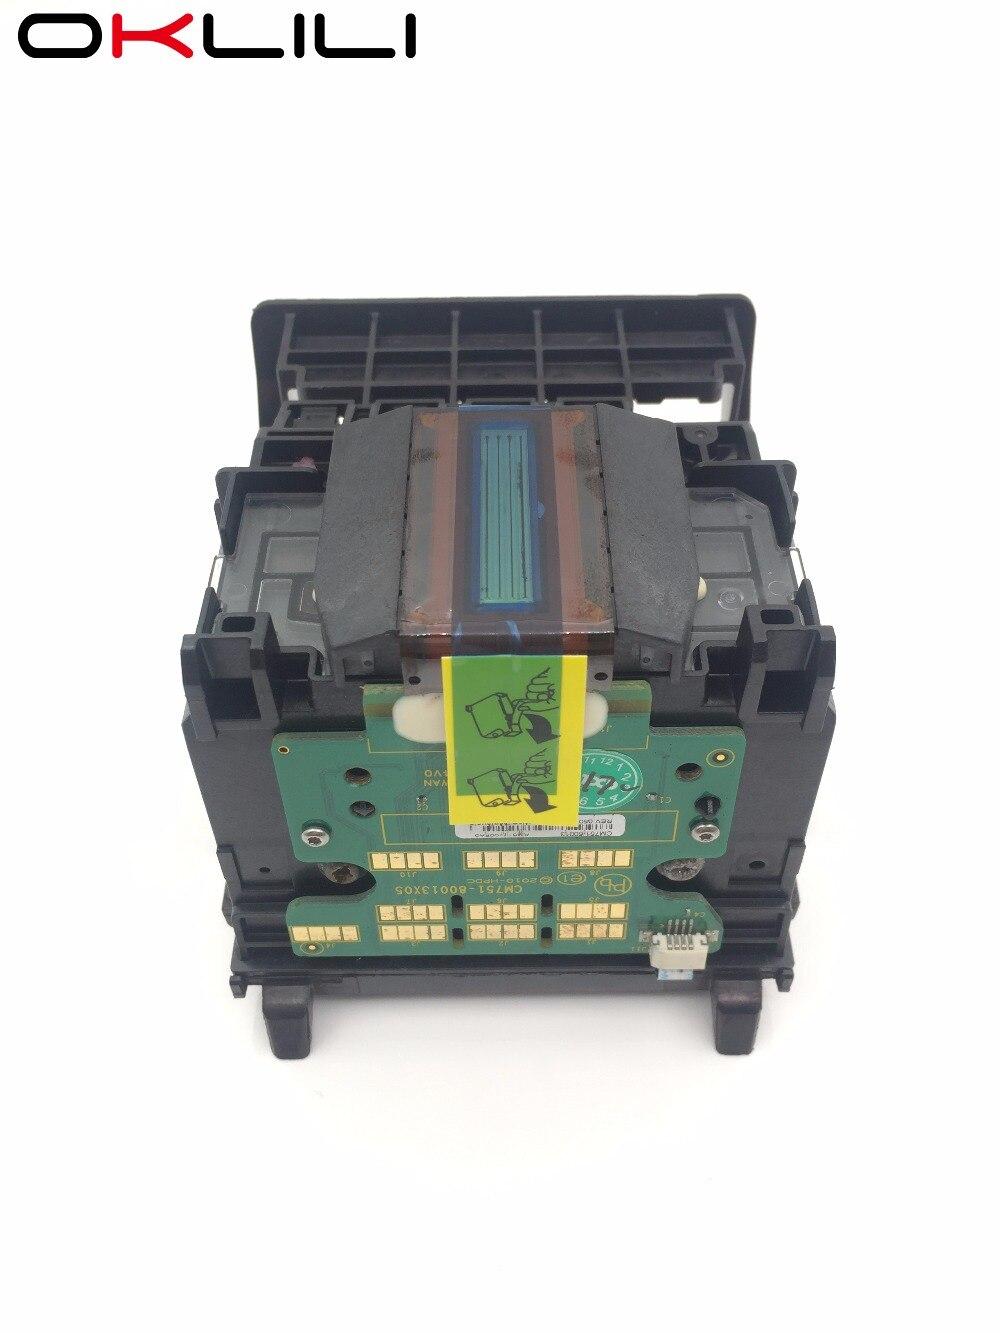 CM751-80013A 950 951 950XL 951XL Tête D'impression tête d'impression pour HP Pro 8100 8600 Plus 8610 8620 8625 8630 8700 Pro 251DW 251 276 276DW